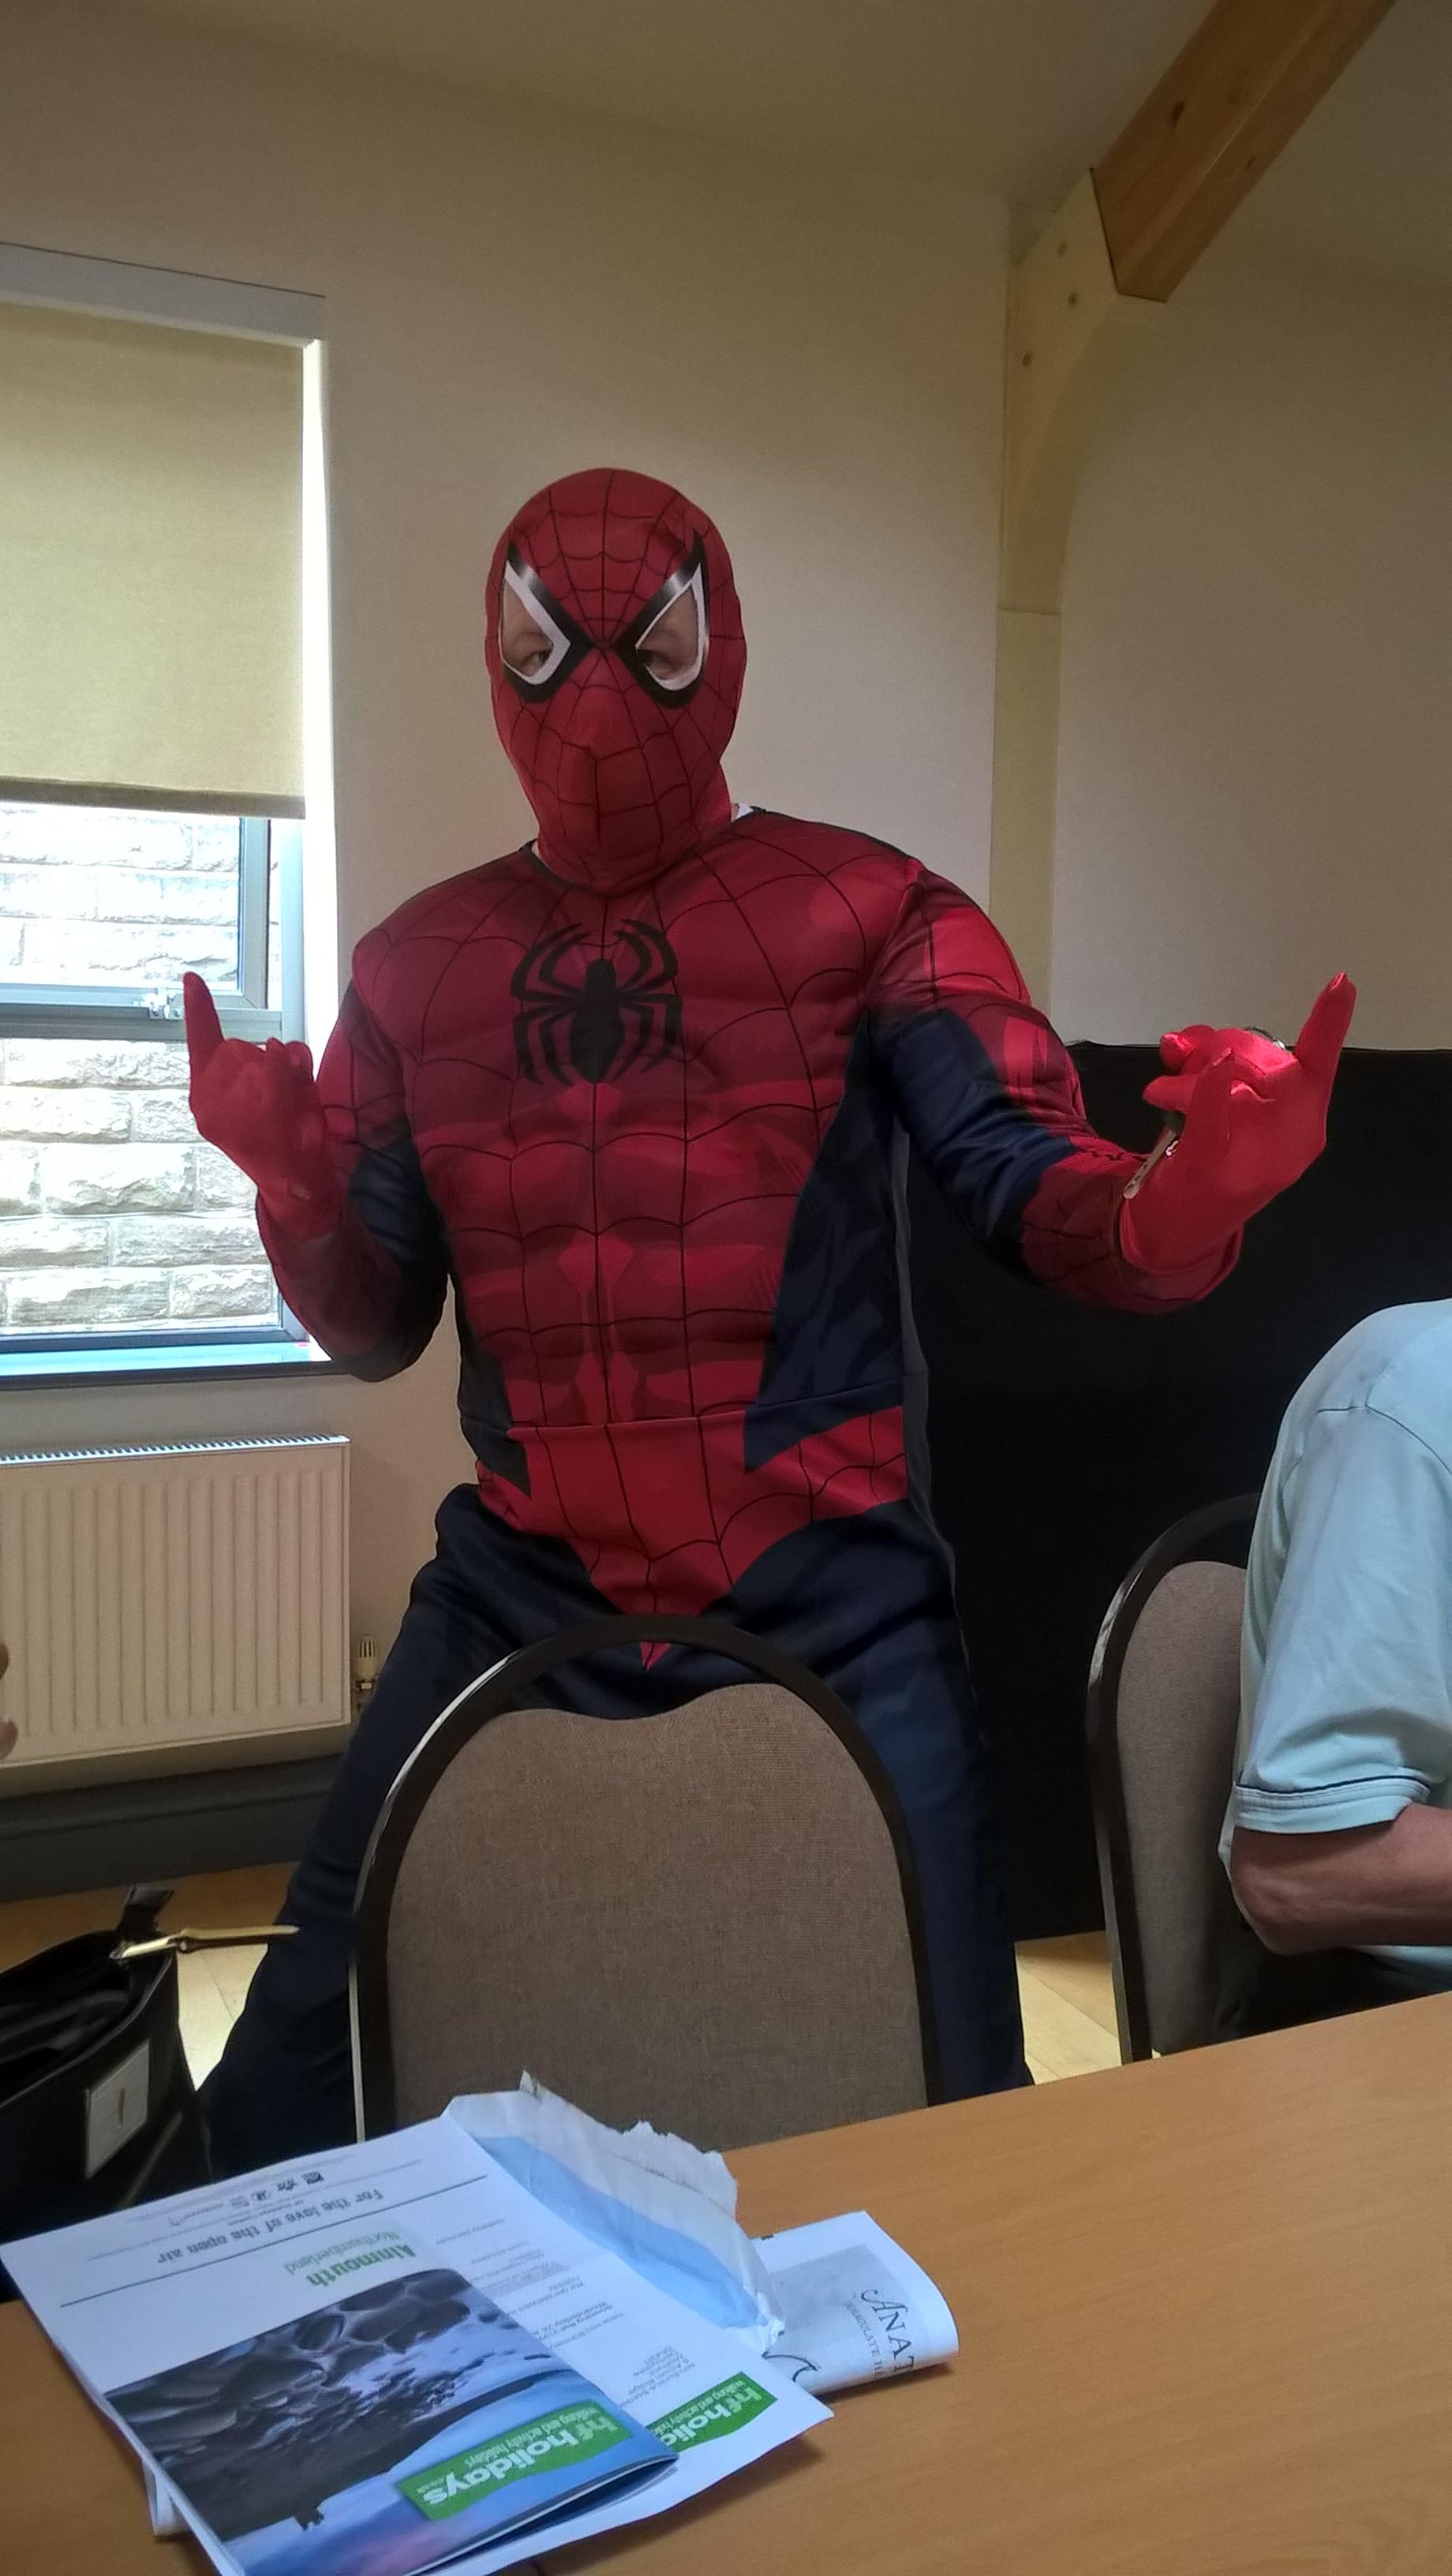 Spiderman%202017 original